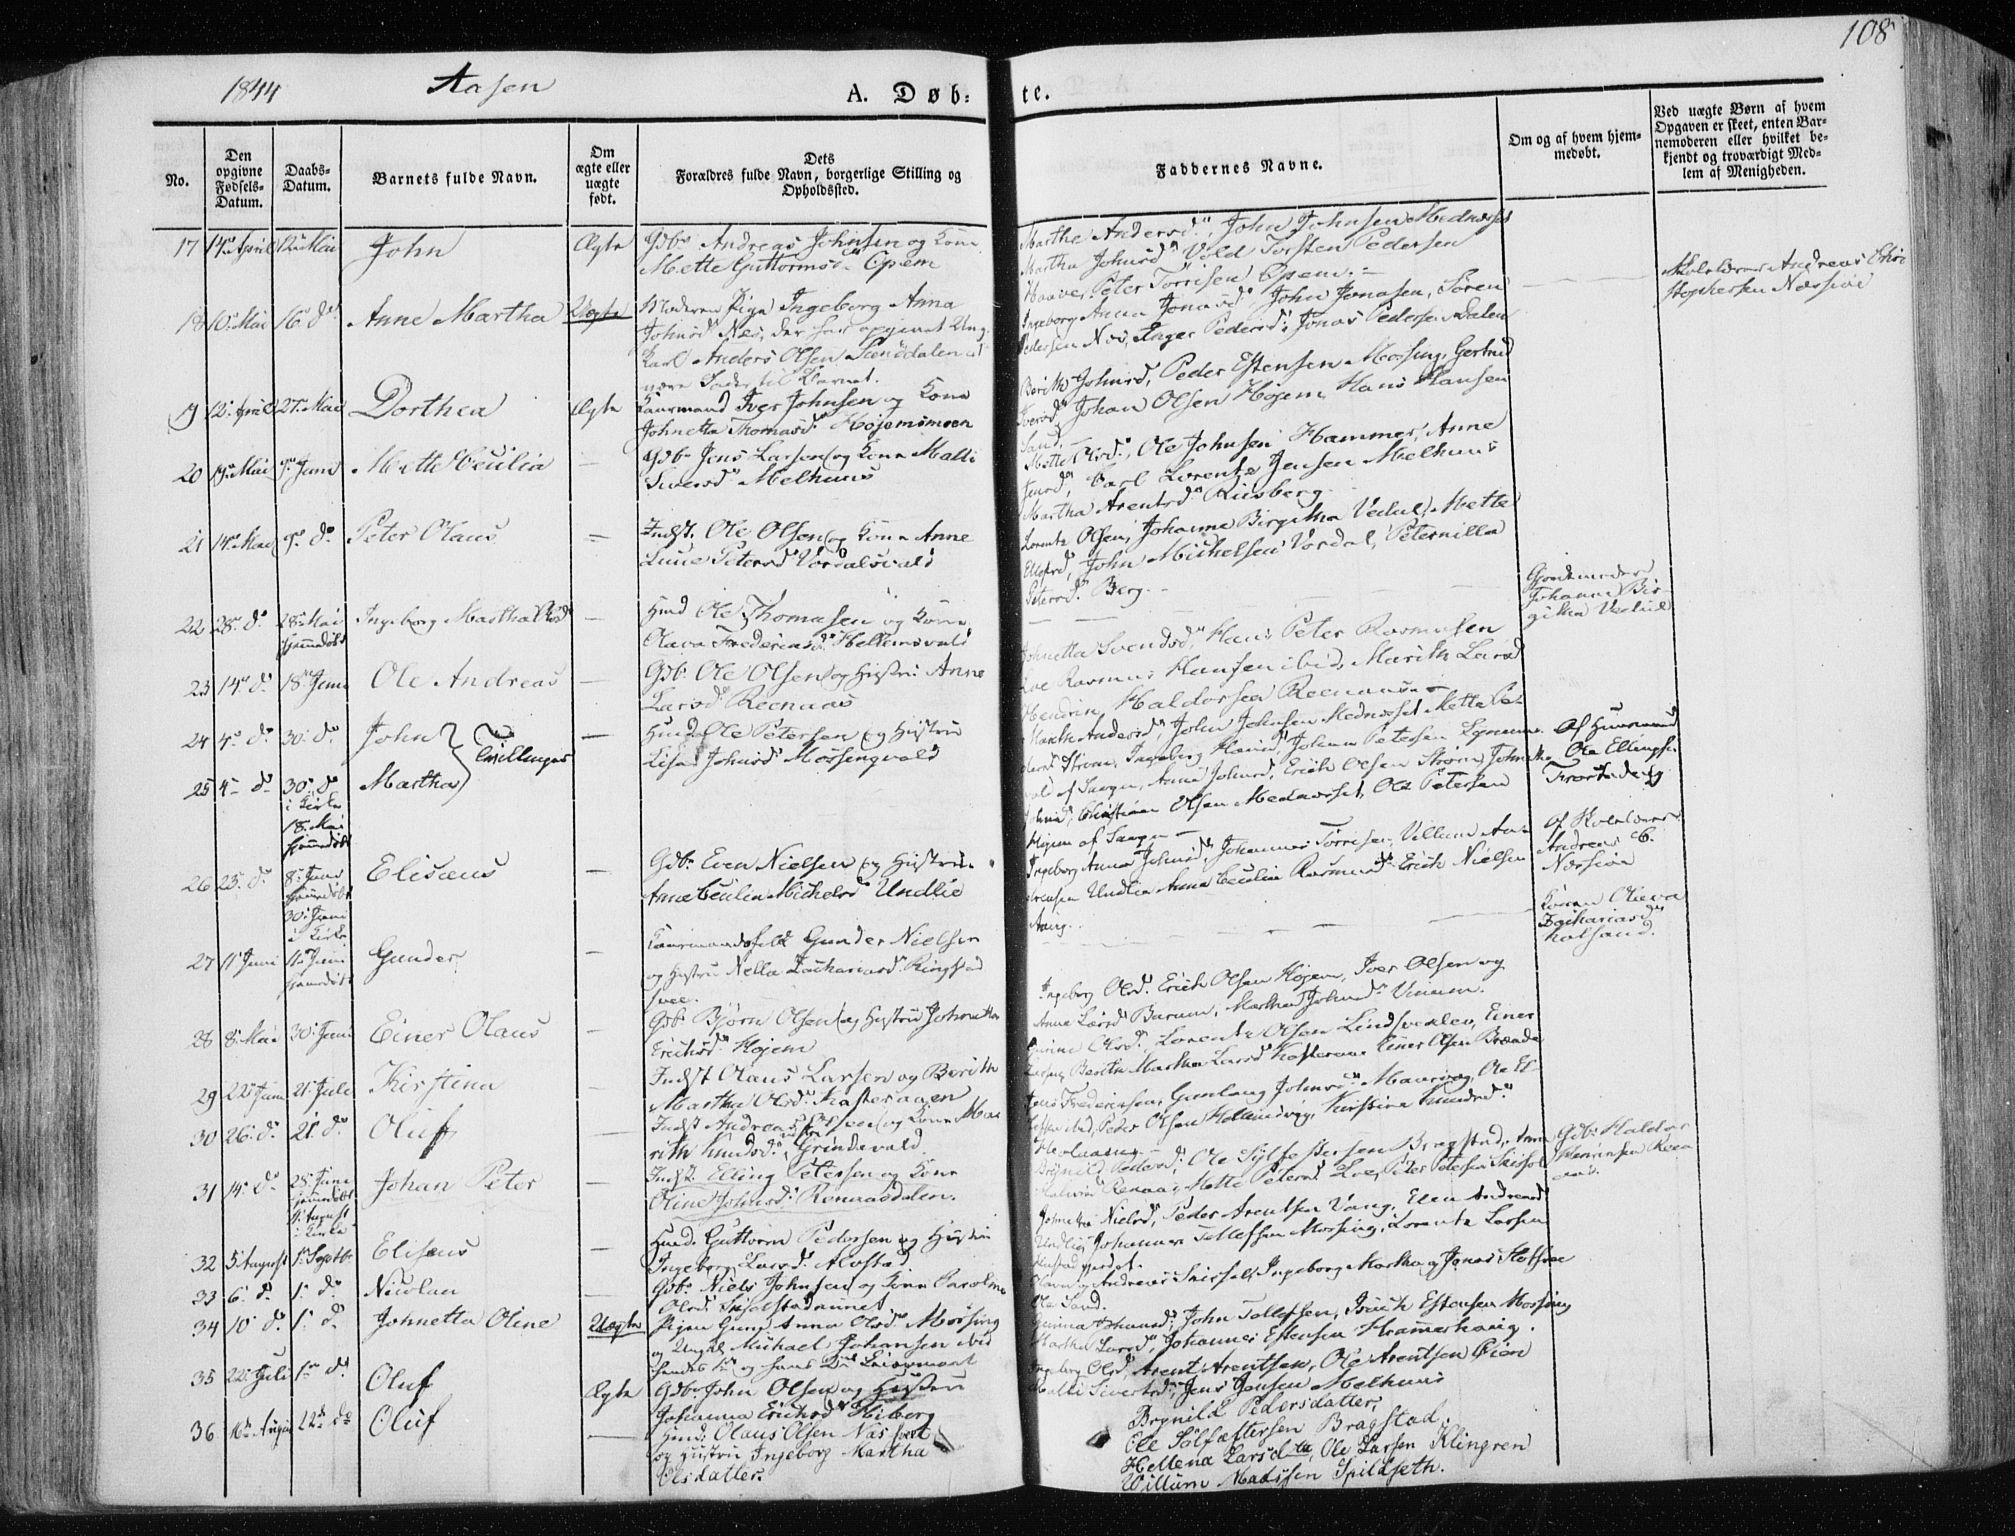 SAT, Ministerialprotokoller, klokkerbøker og fødselsregistre - Nord-Trøndelag, 713/L0115: Ministerialbok nr. 713A06, 1838-1851, s. 108